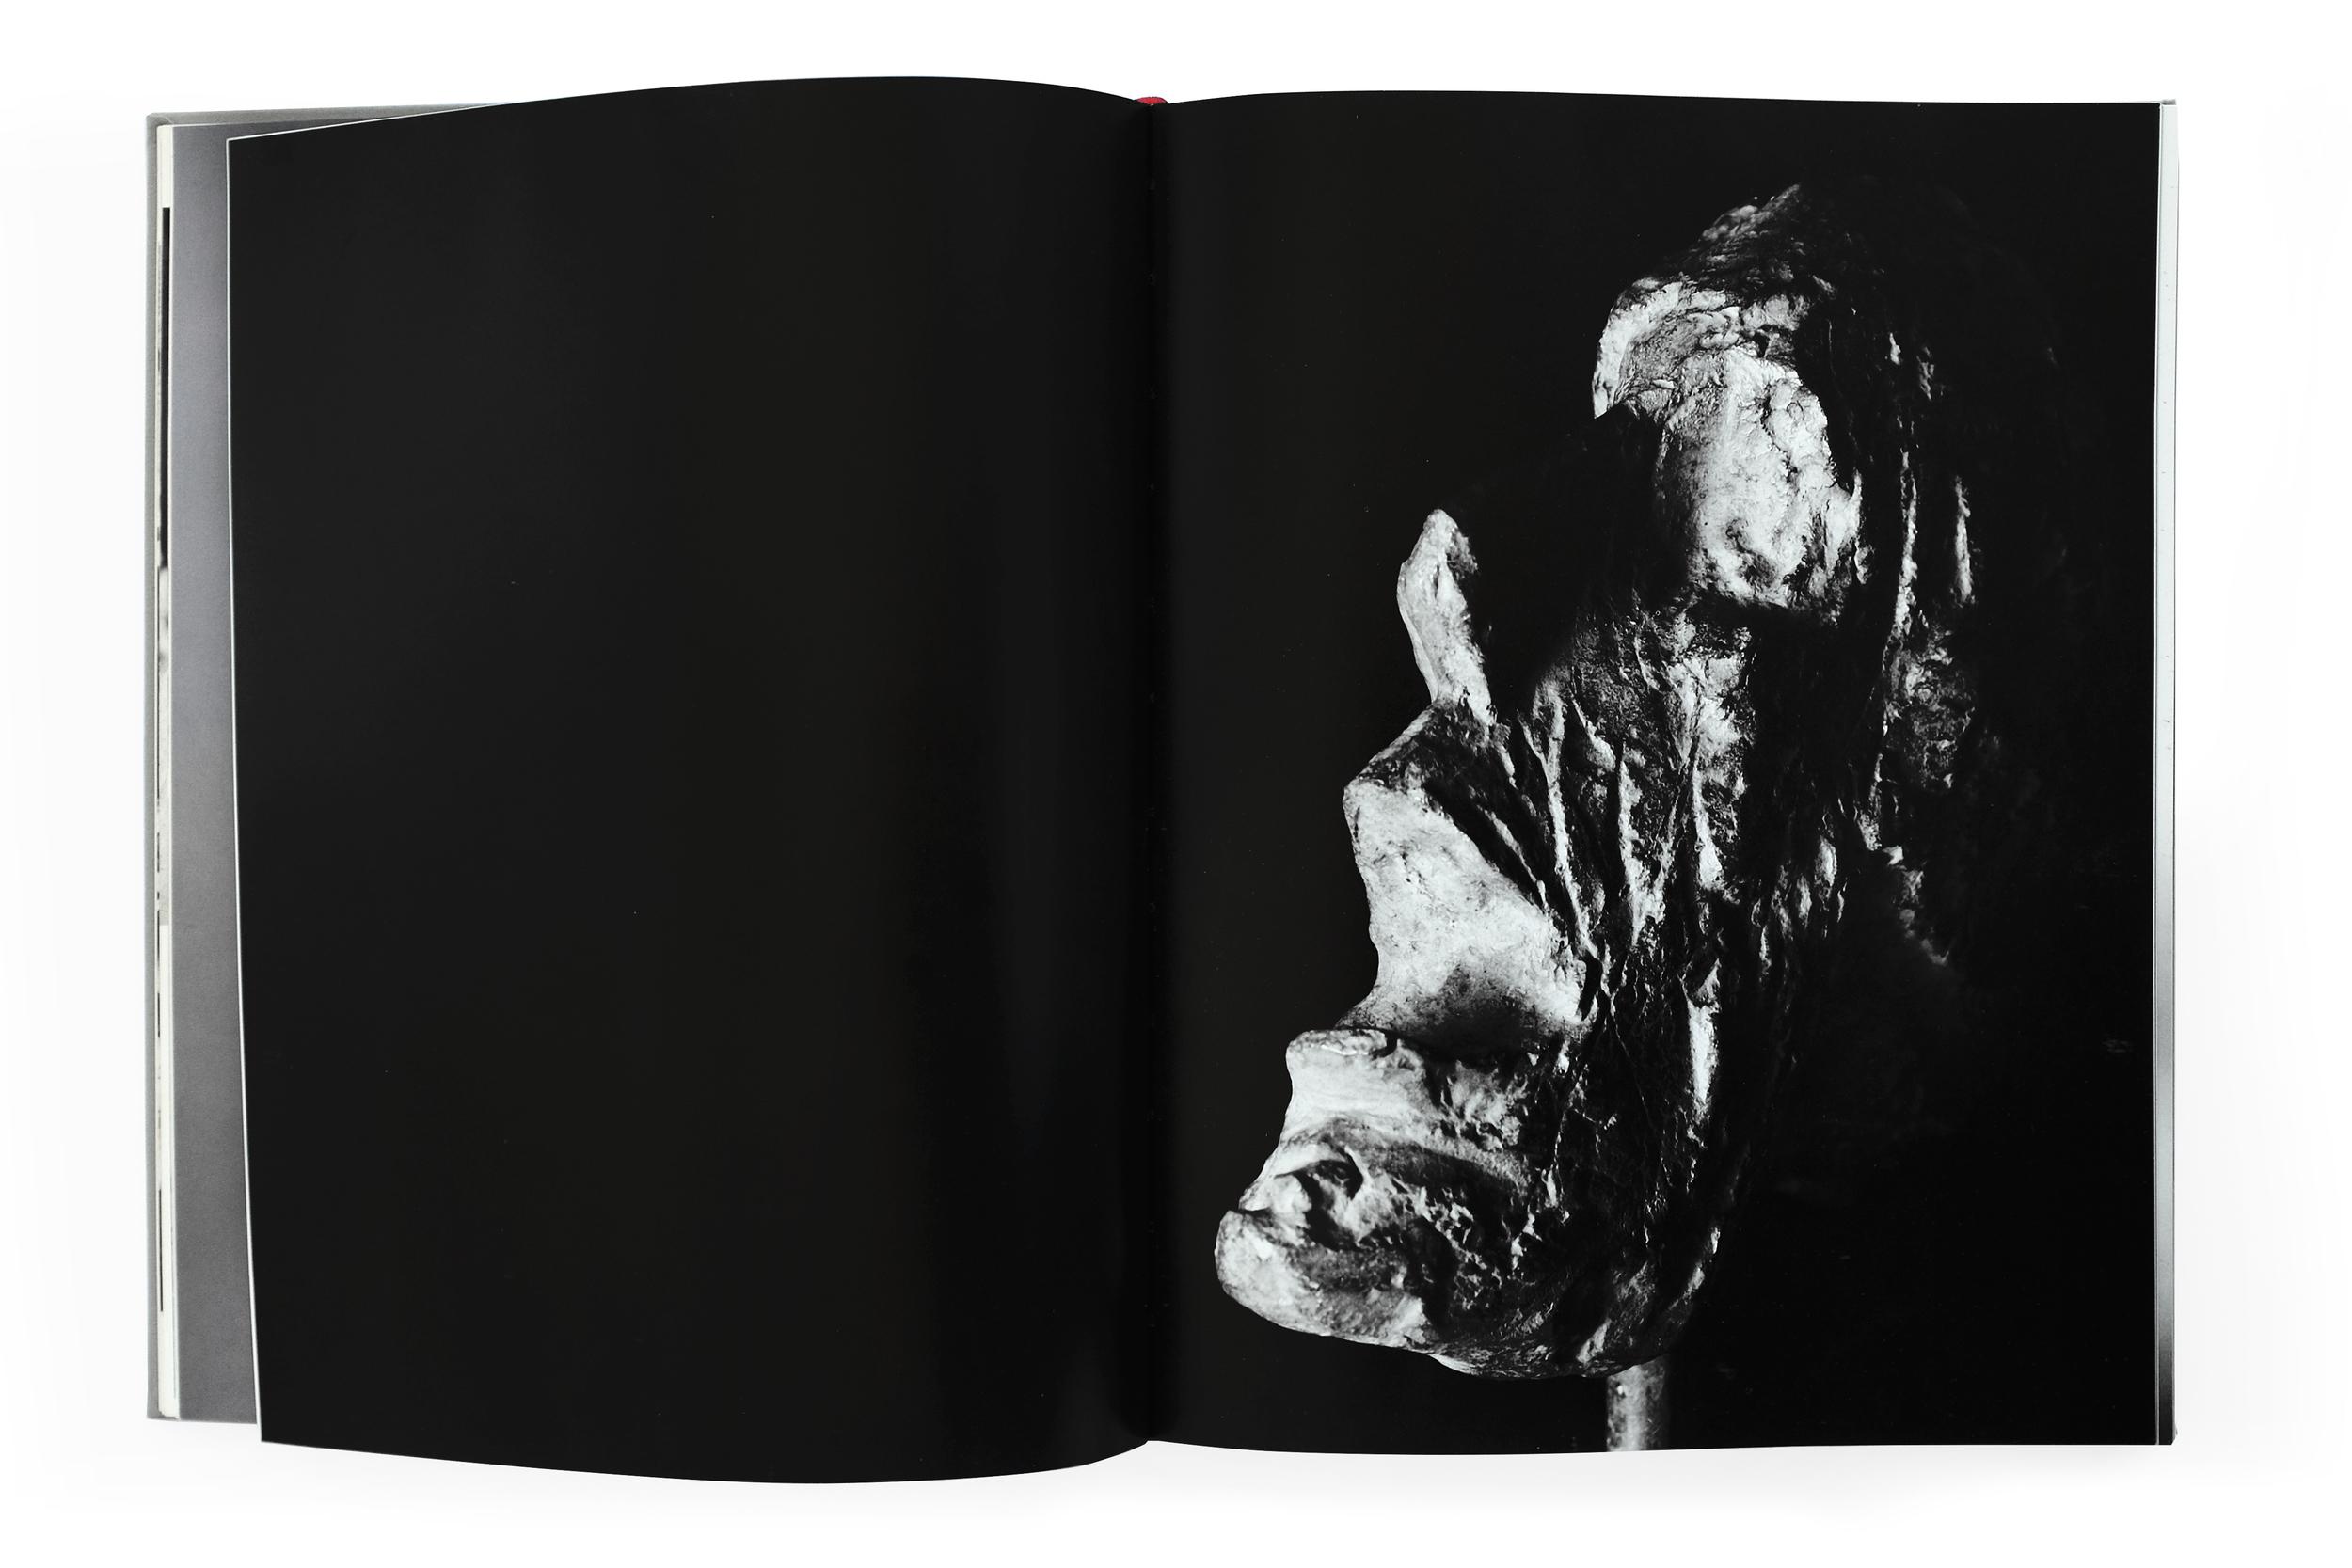 giacometti_book19.jpg